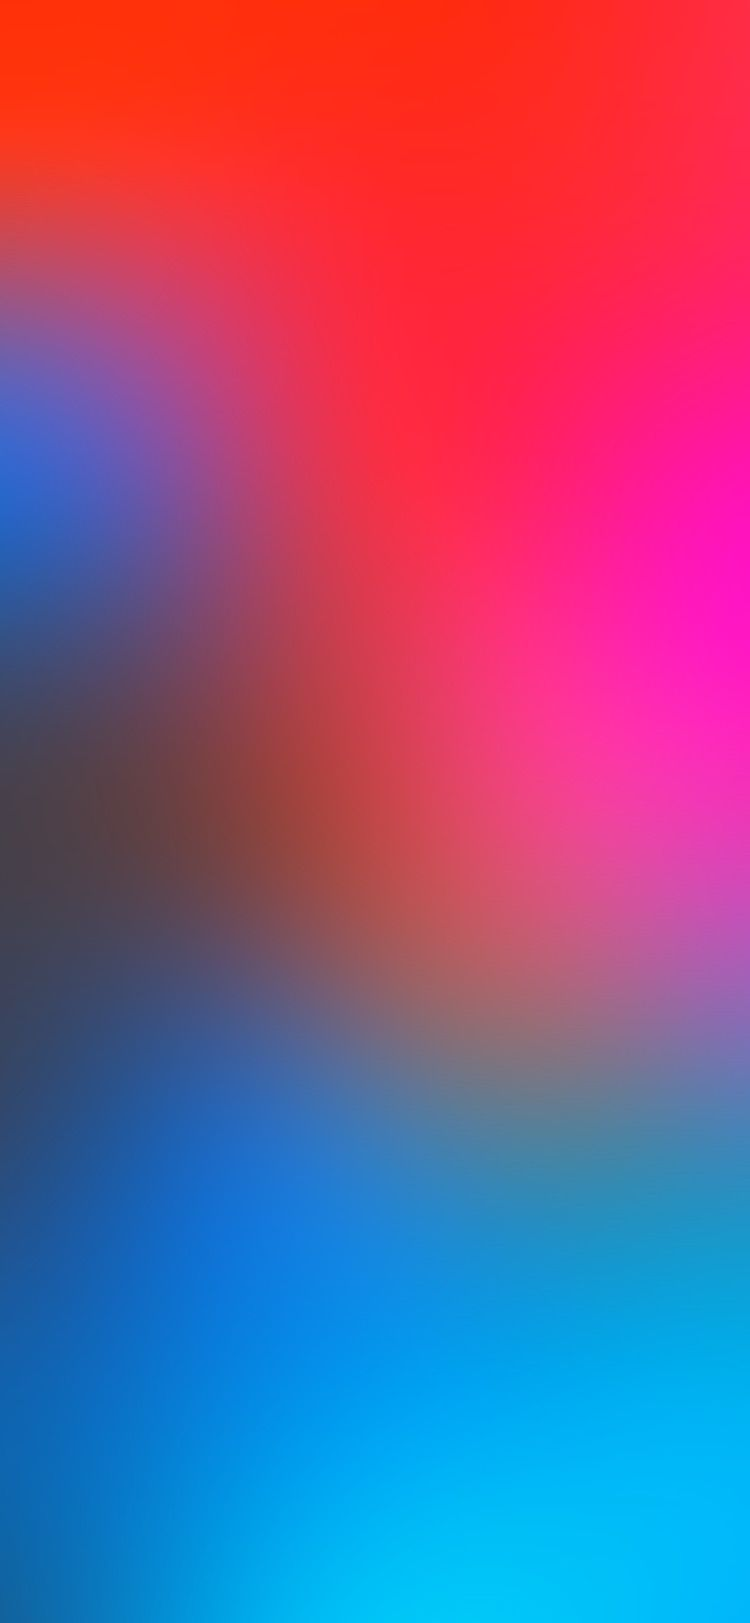 Colors Gradient Art Design Ombre Blurry Blurred Iphonewallpaper Iphonexswallpaper Iphone11 Ombre Wallpapers Colorful Wallpaper Best Iphone Wallpapers